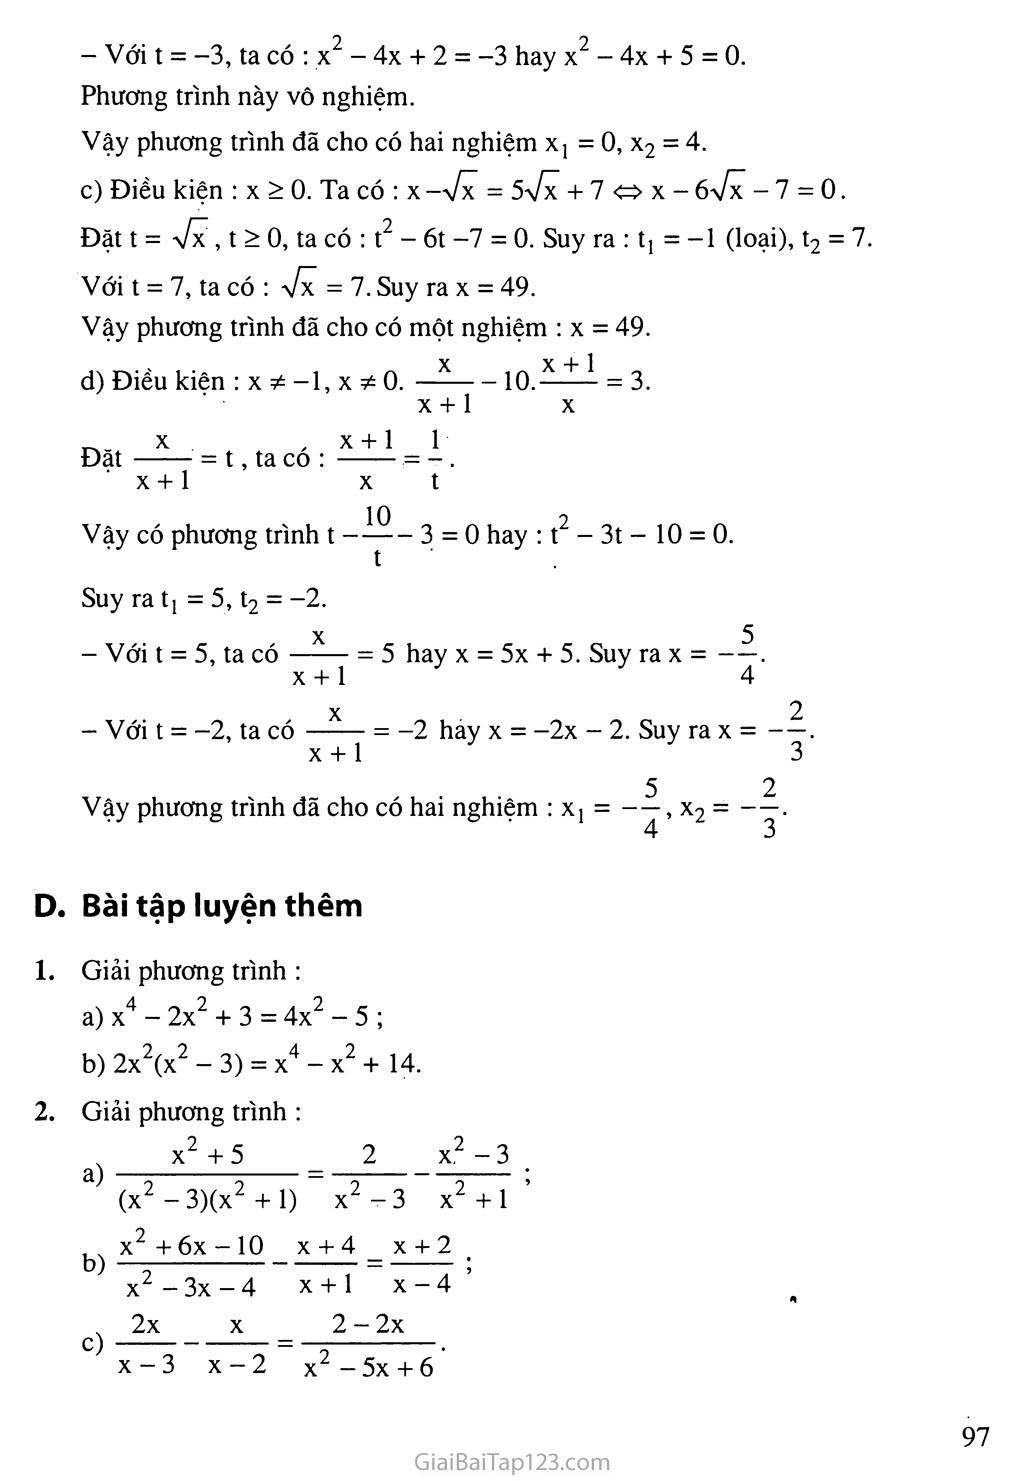 Bài 7. Phương trình quy về phương trình bậc hai trang 11